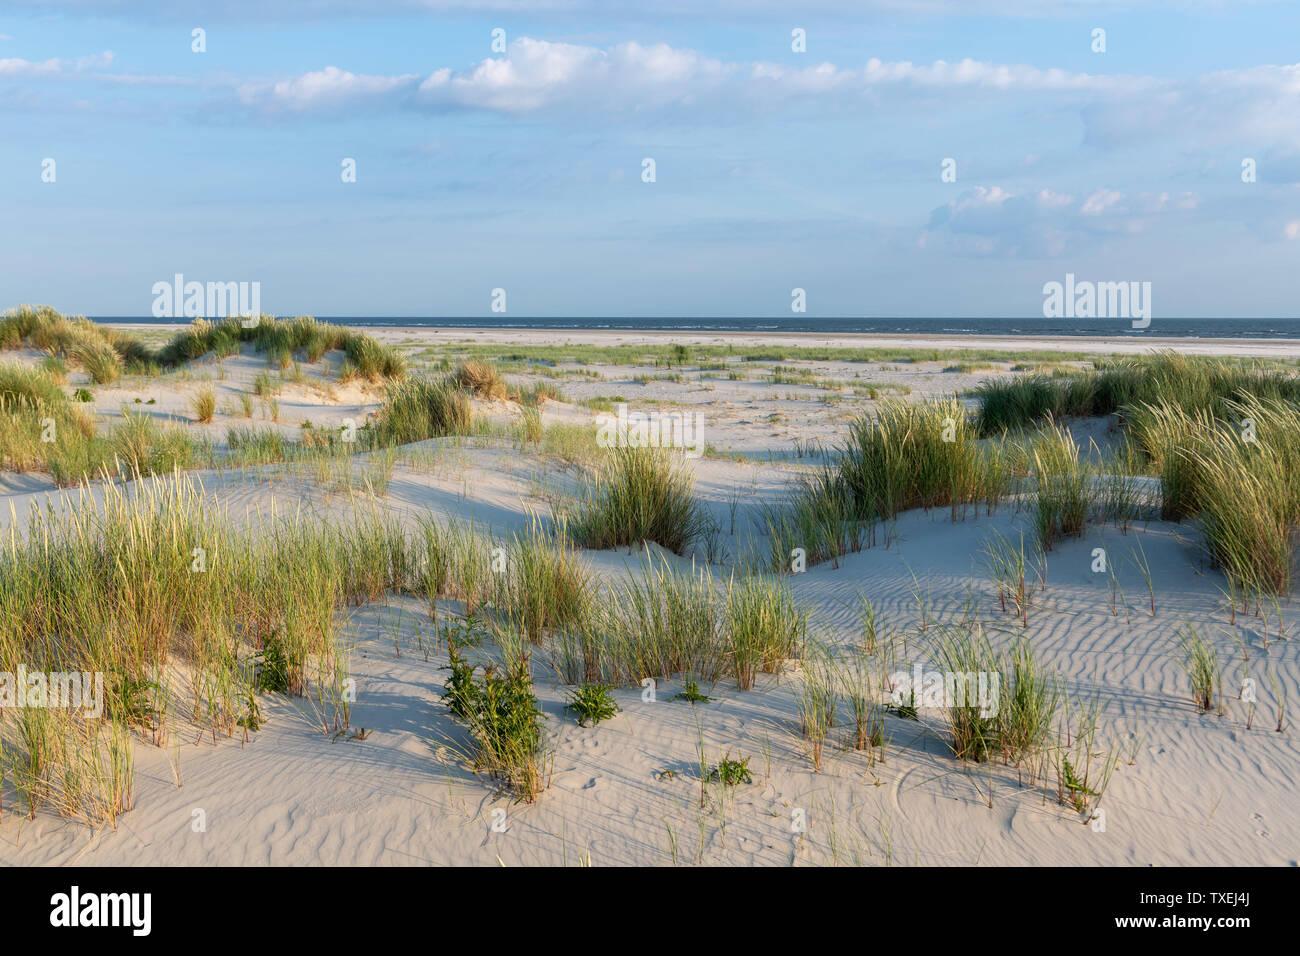 Das grüne Gras bedeckten Sanddünen der friesischen Insel Juist im sonnigen Sommer. Stockfoto